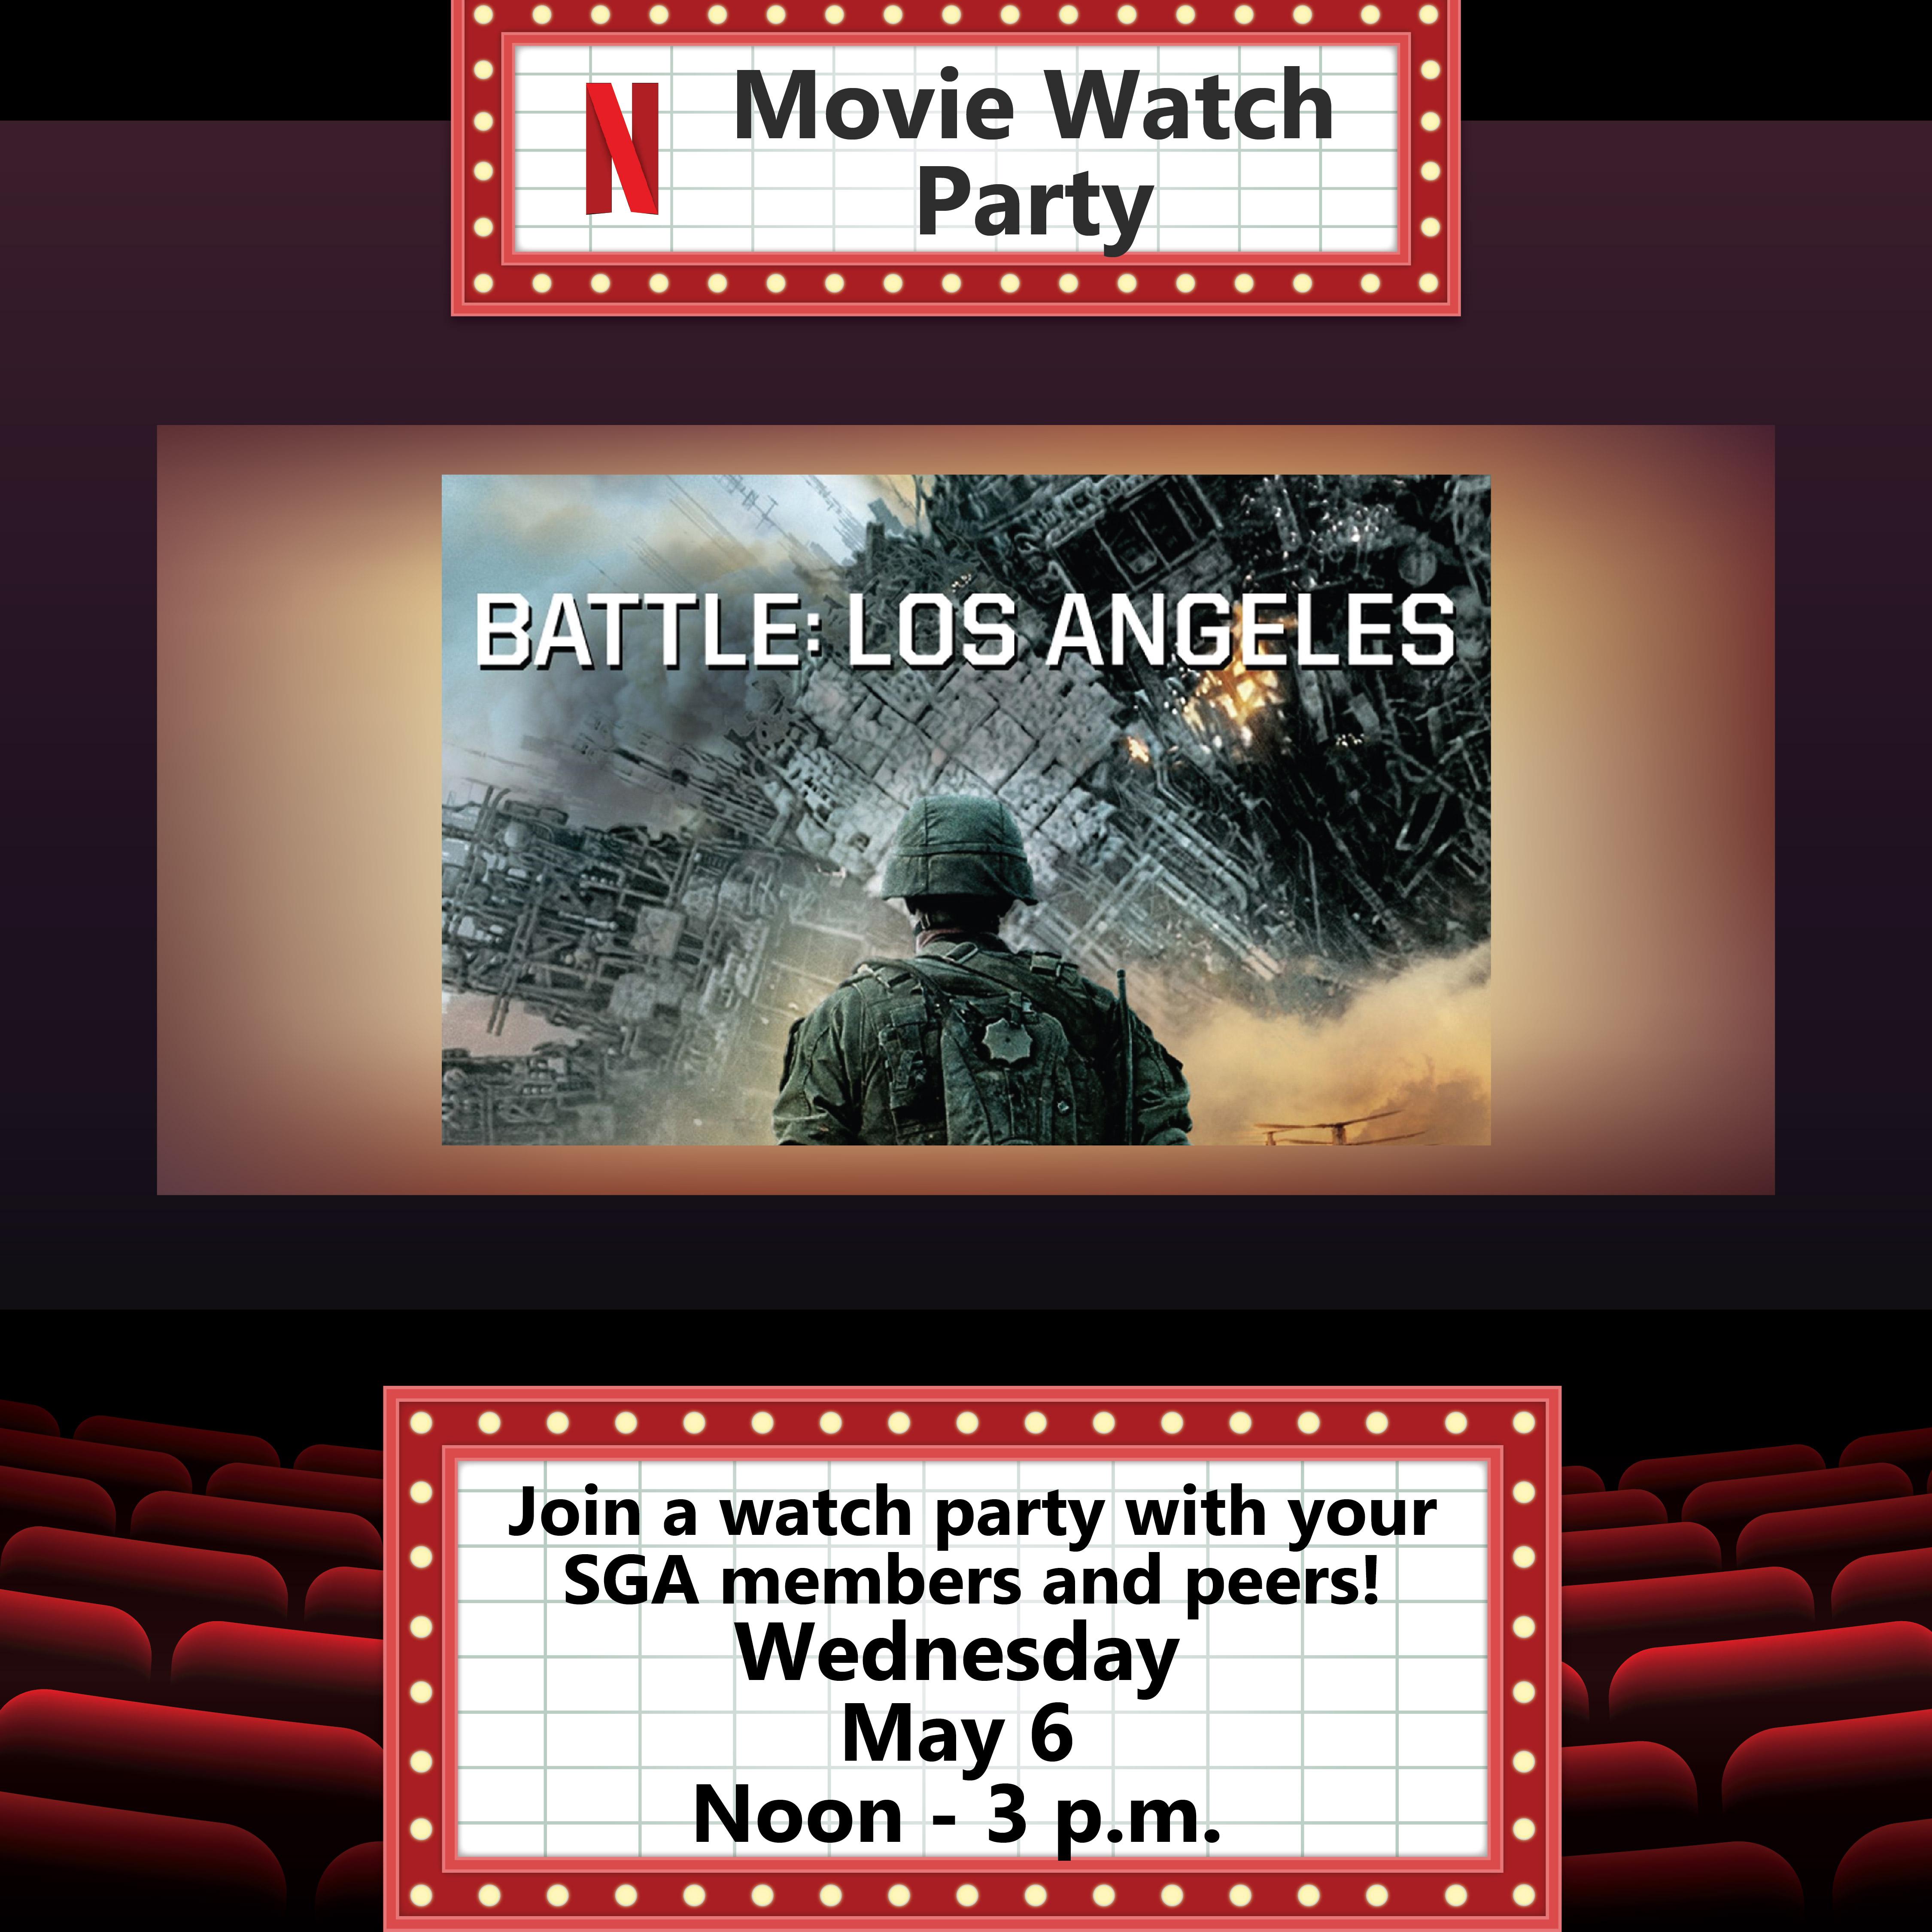 Battle Los Angeles Netflix Party